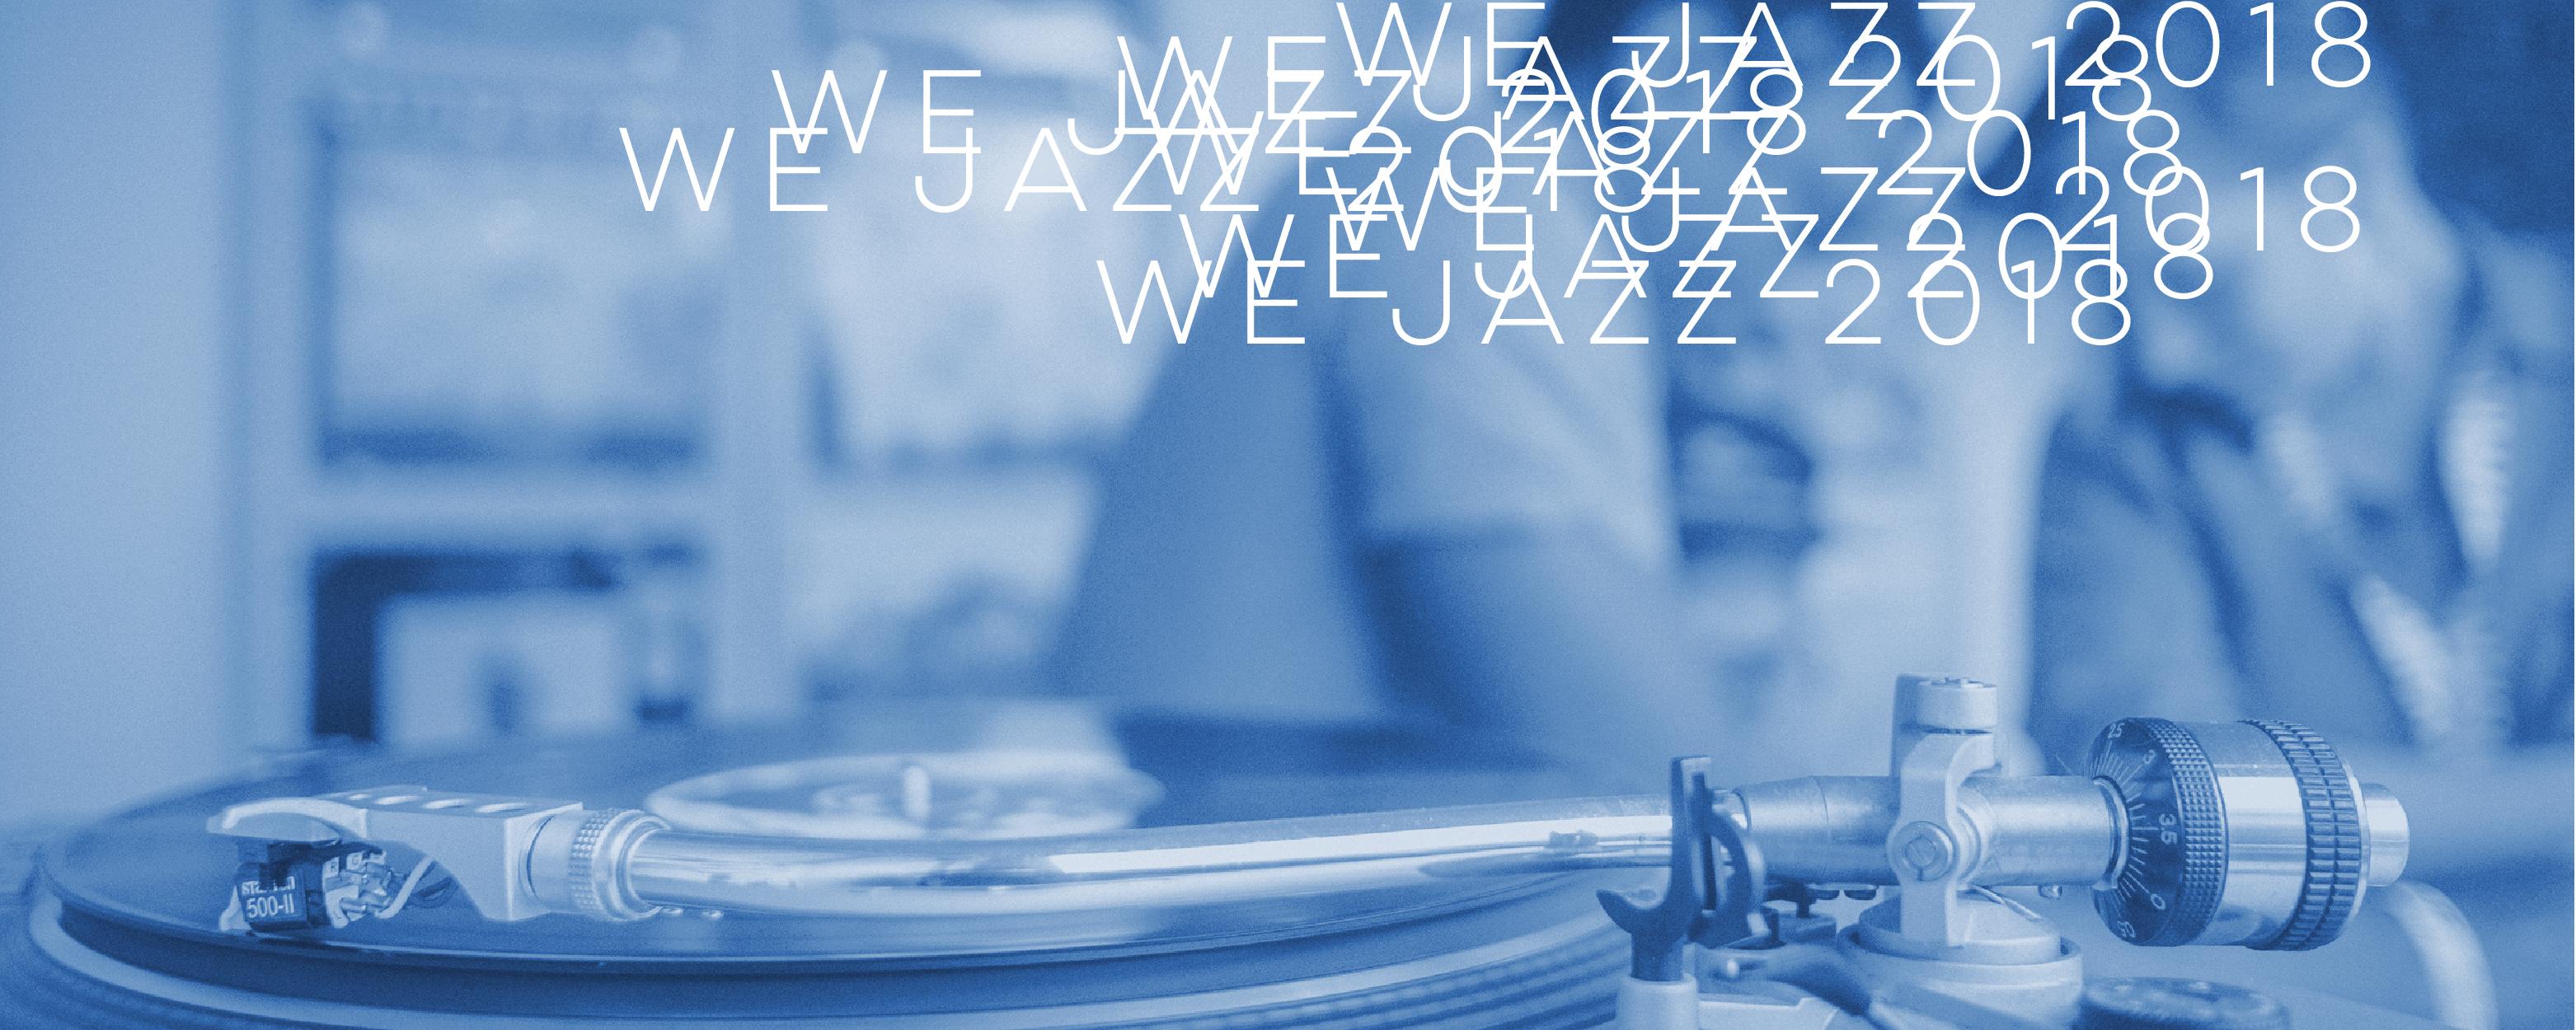 We Jazz Vinyl Market + We Jazz DJs & Friends